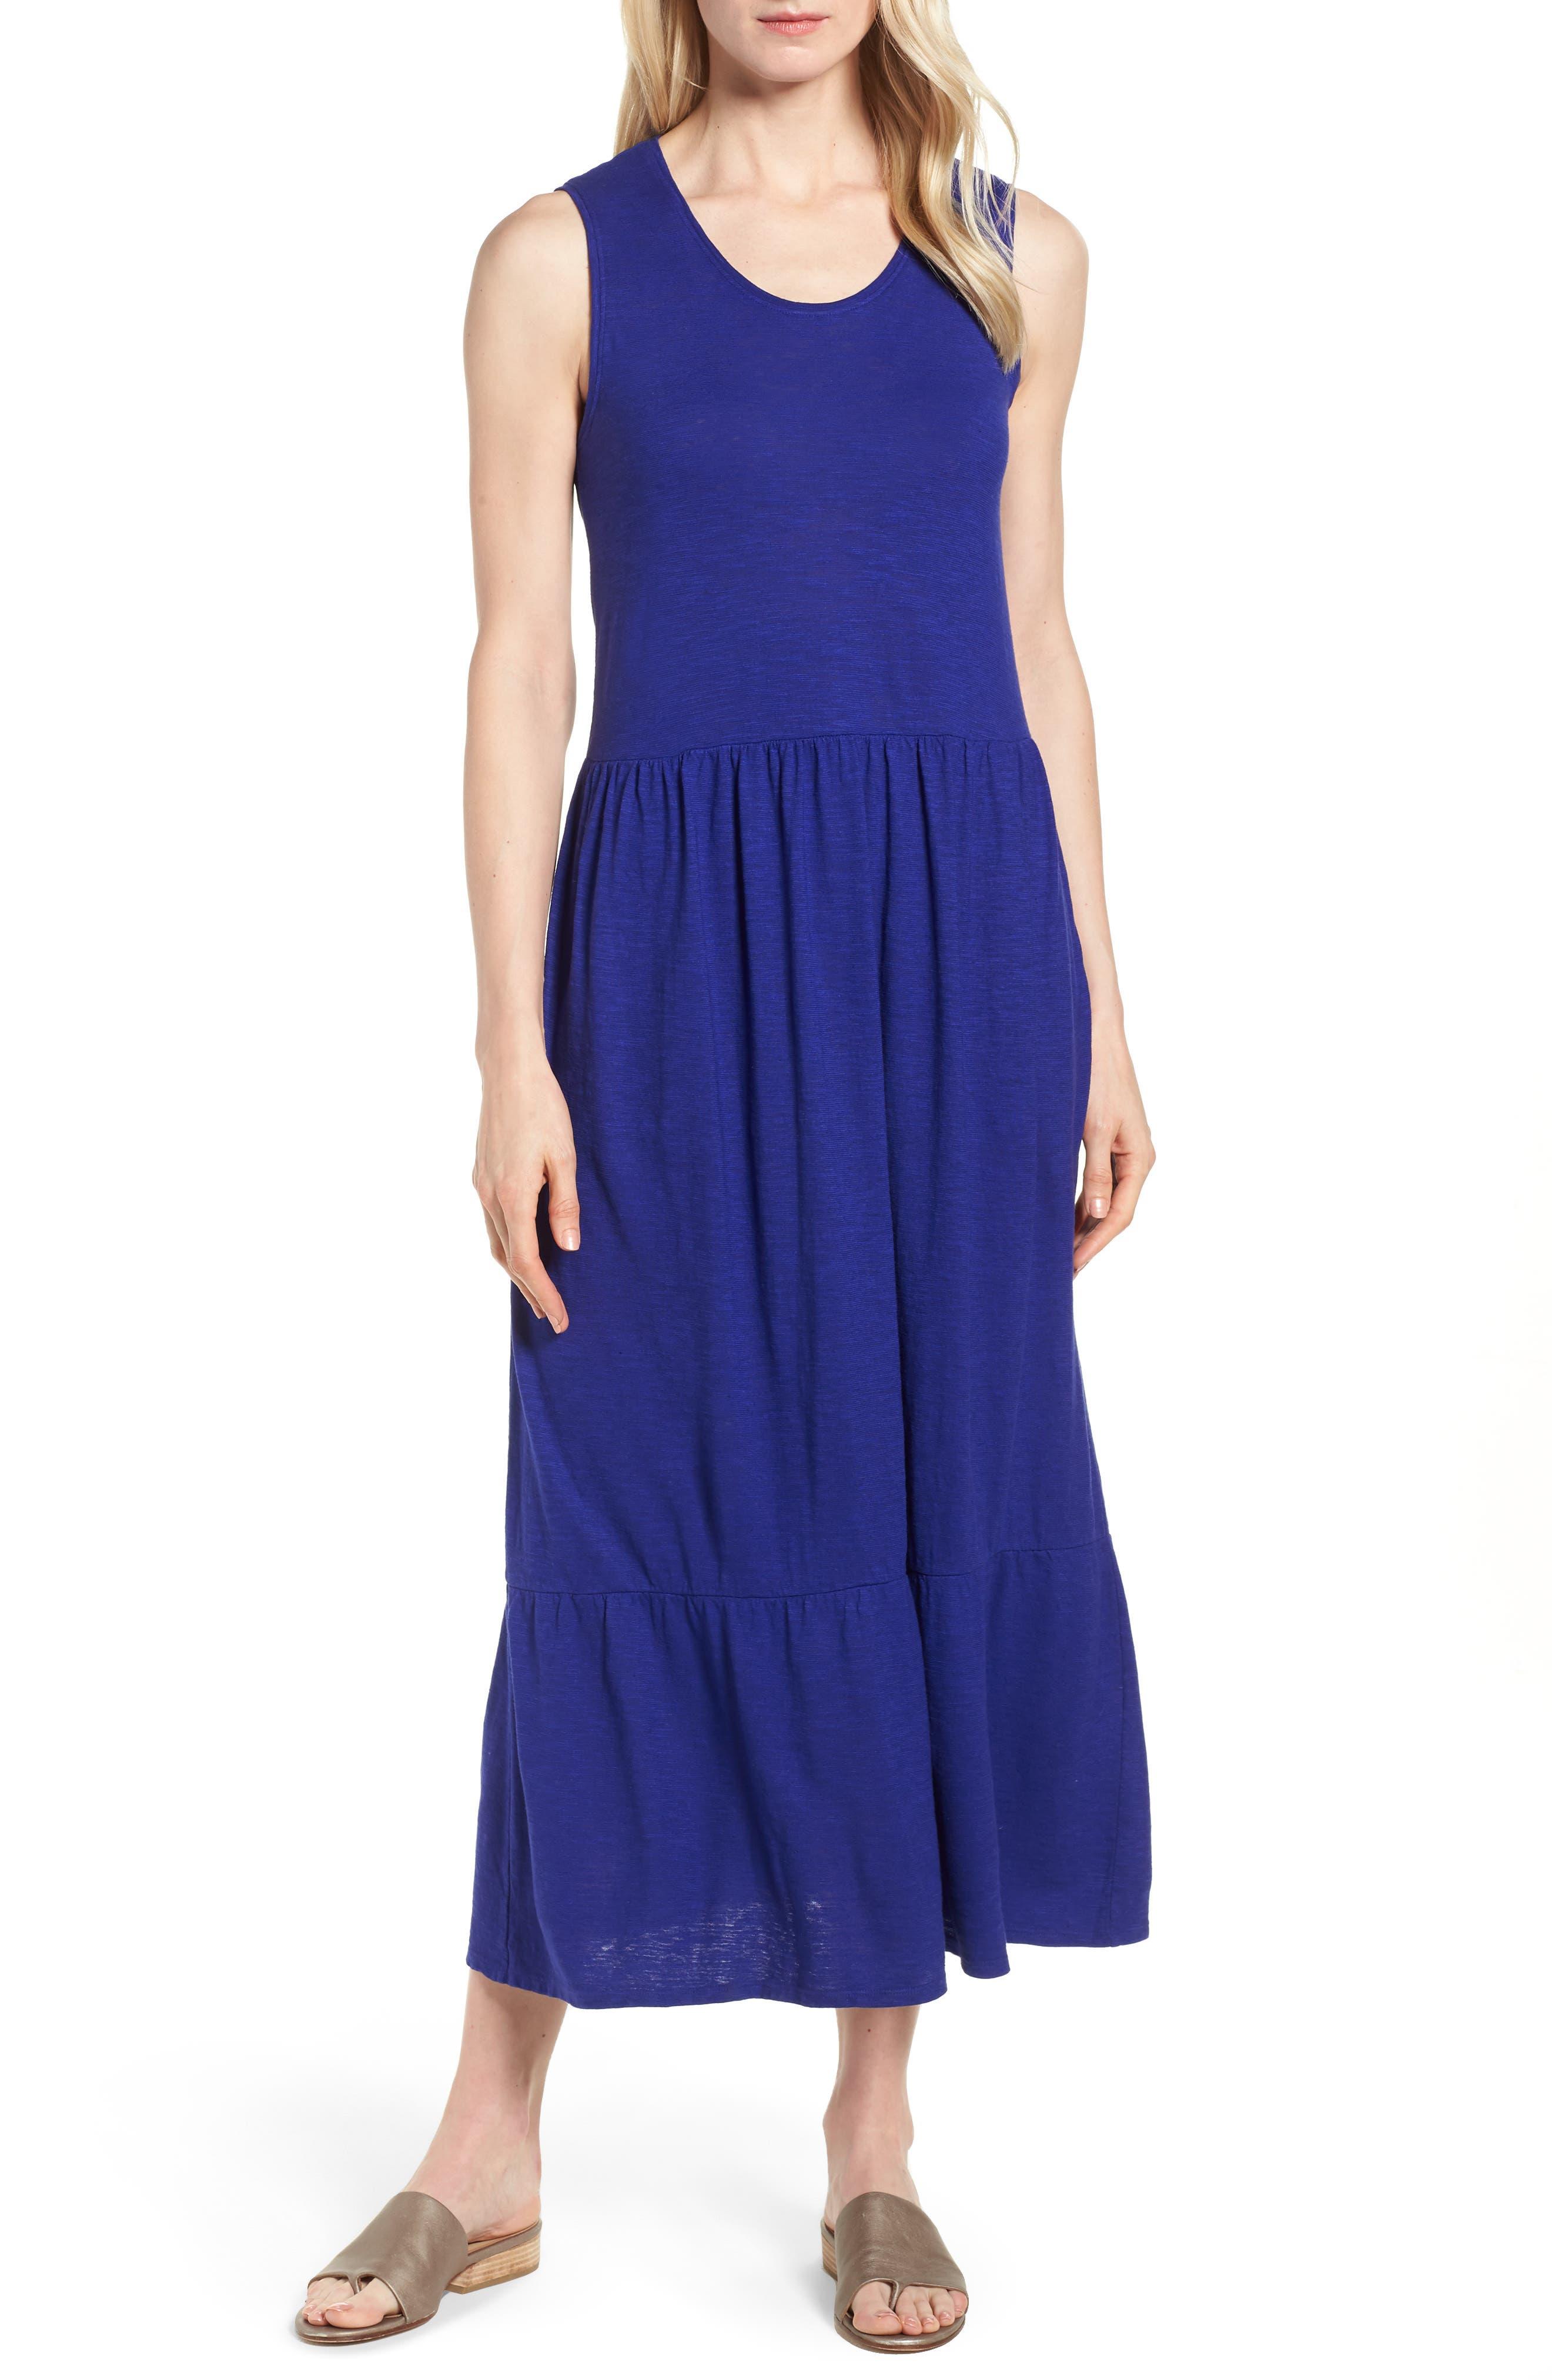 Scooped Neck Hemp & Cotton Midi Dress,                         Main,                         color, Blue Violet